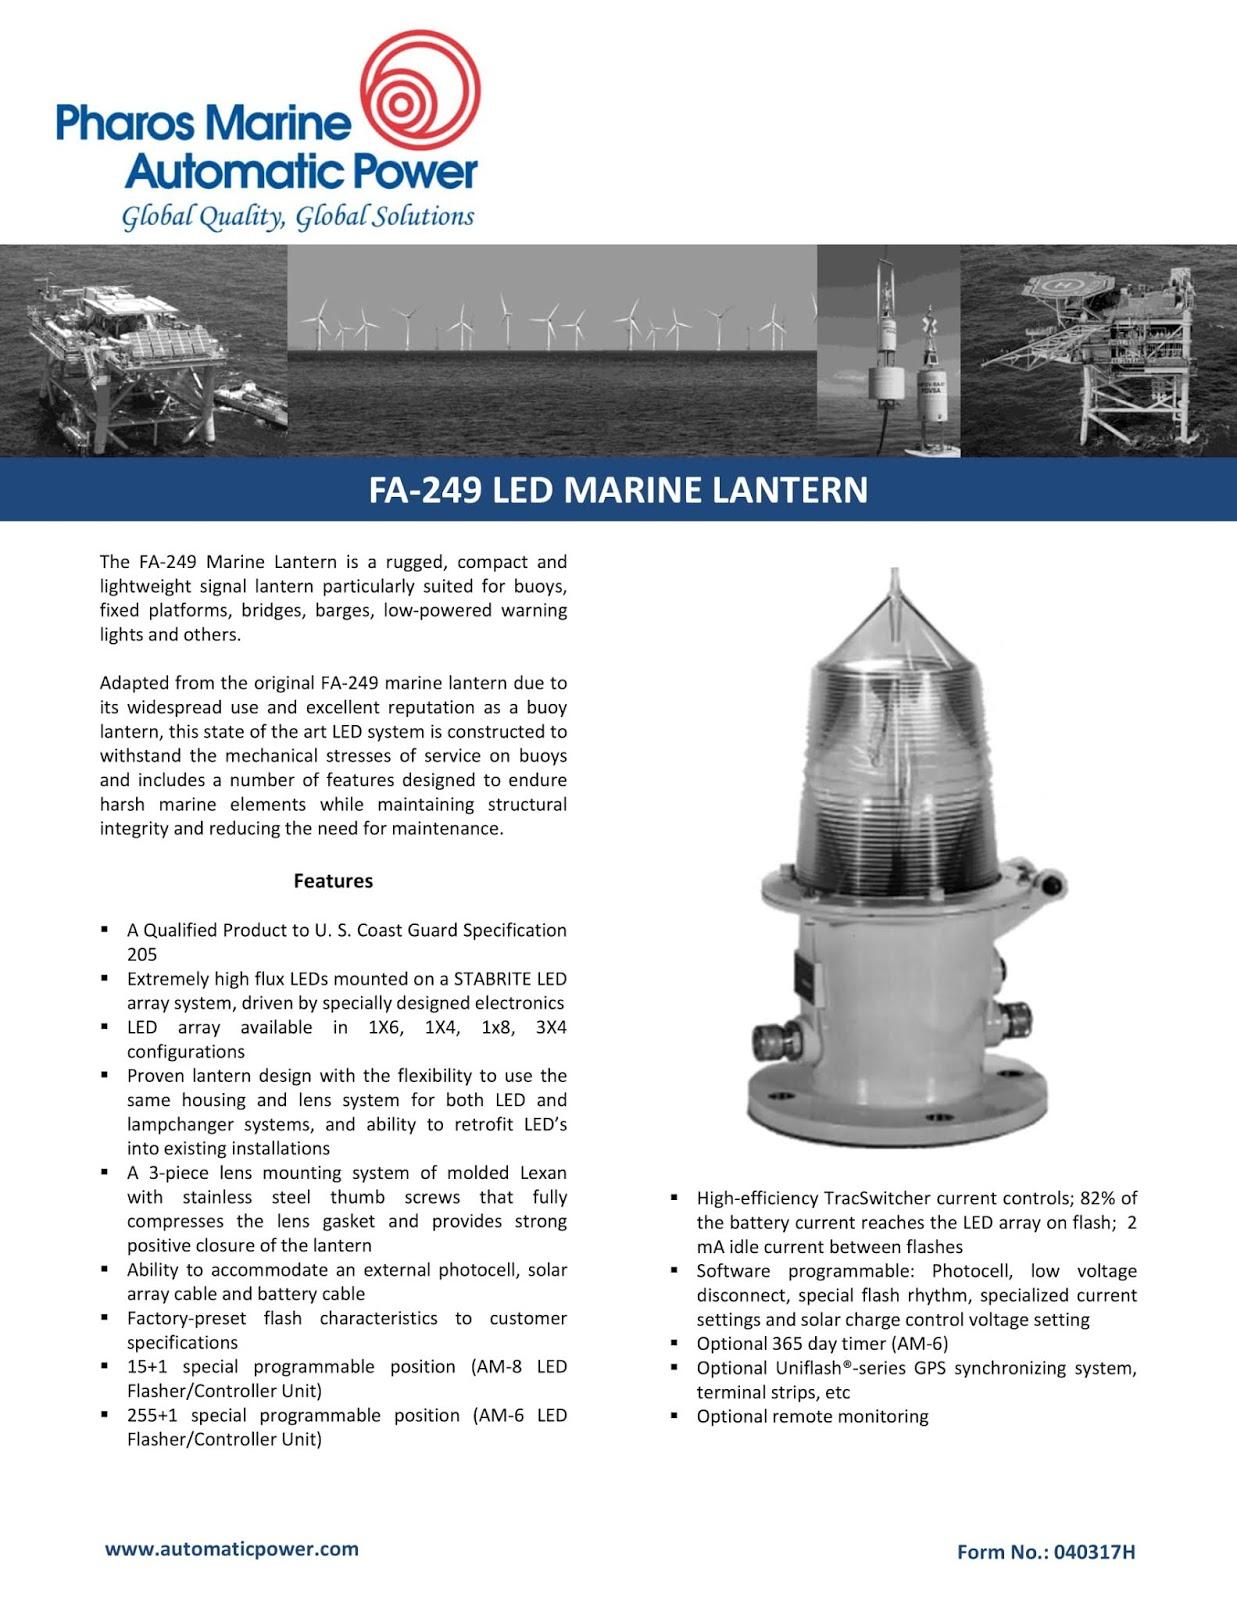 Kami menjual lampu marine Lantern kondisi baru dan bekas ...